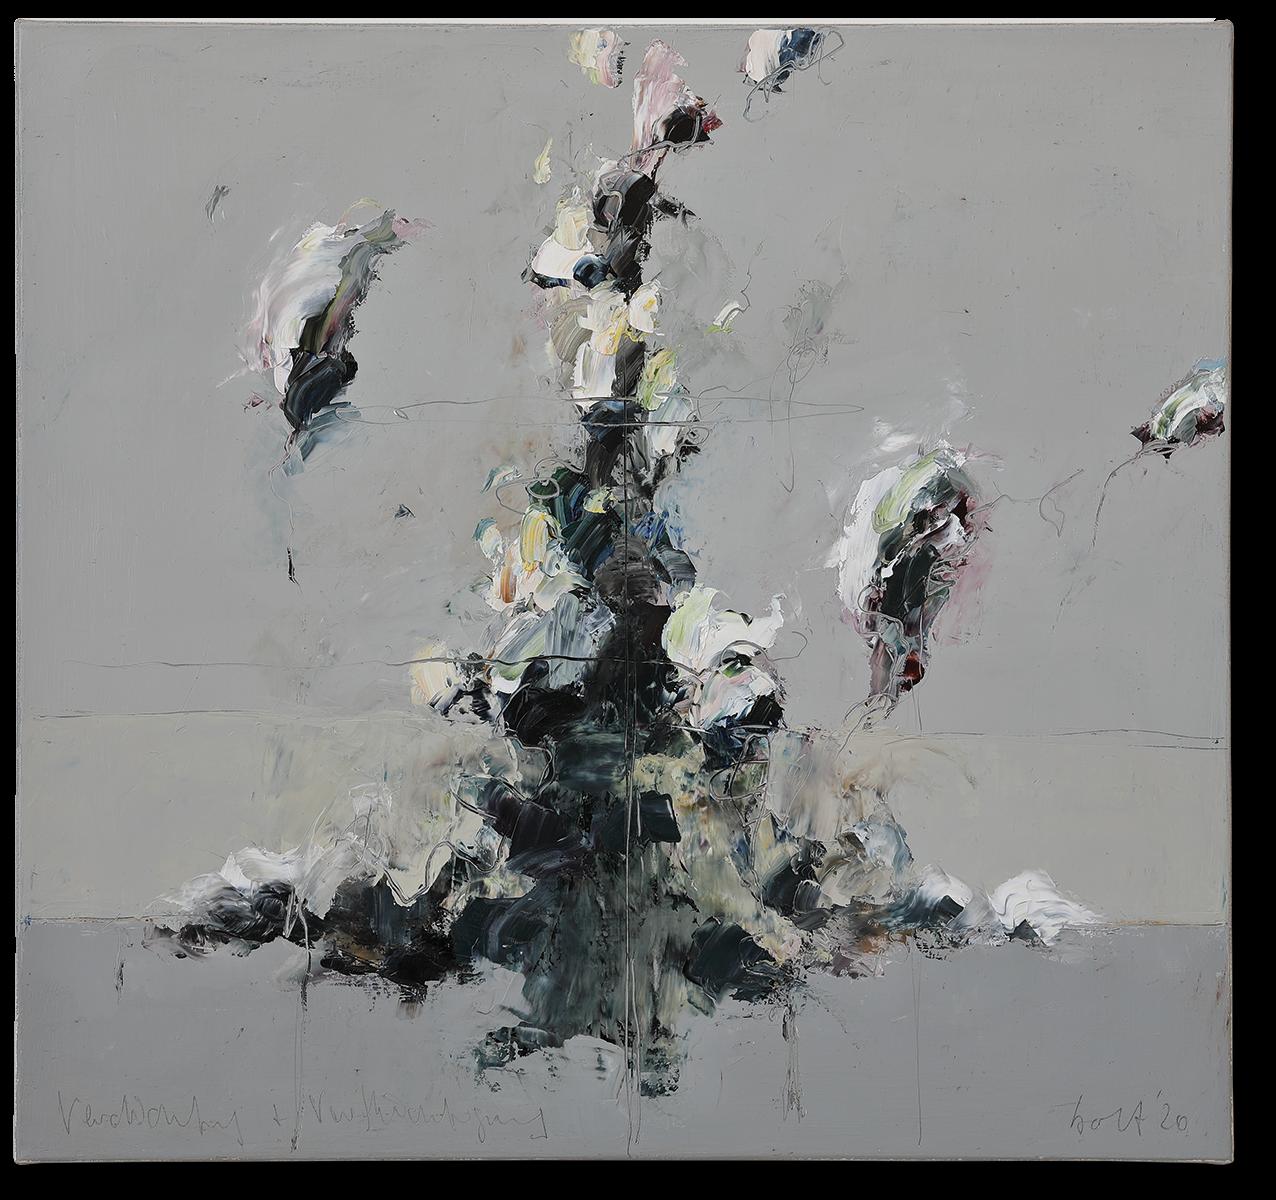 Verdichtung und Verflüchtigung | 2020 | Öl auf Leinwand | 80 x 85cm